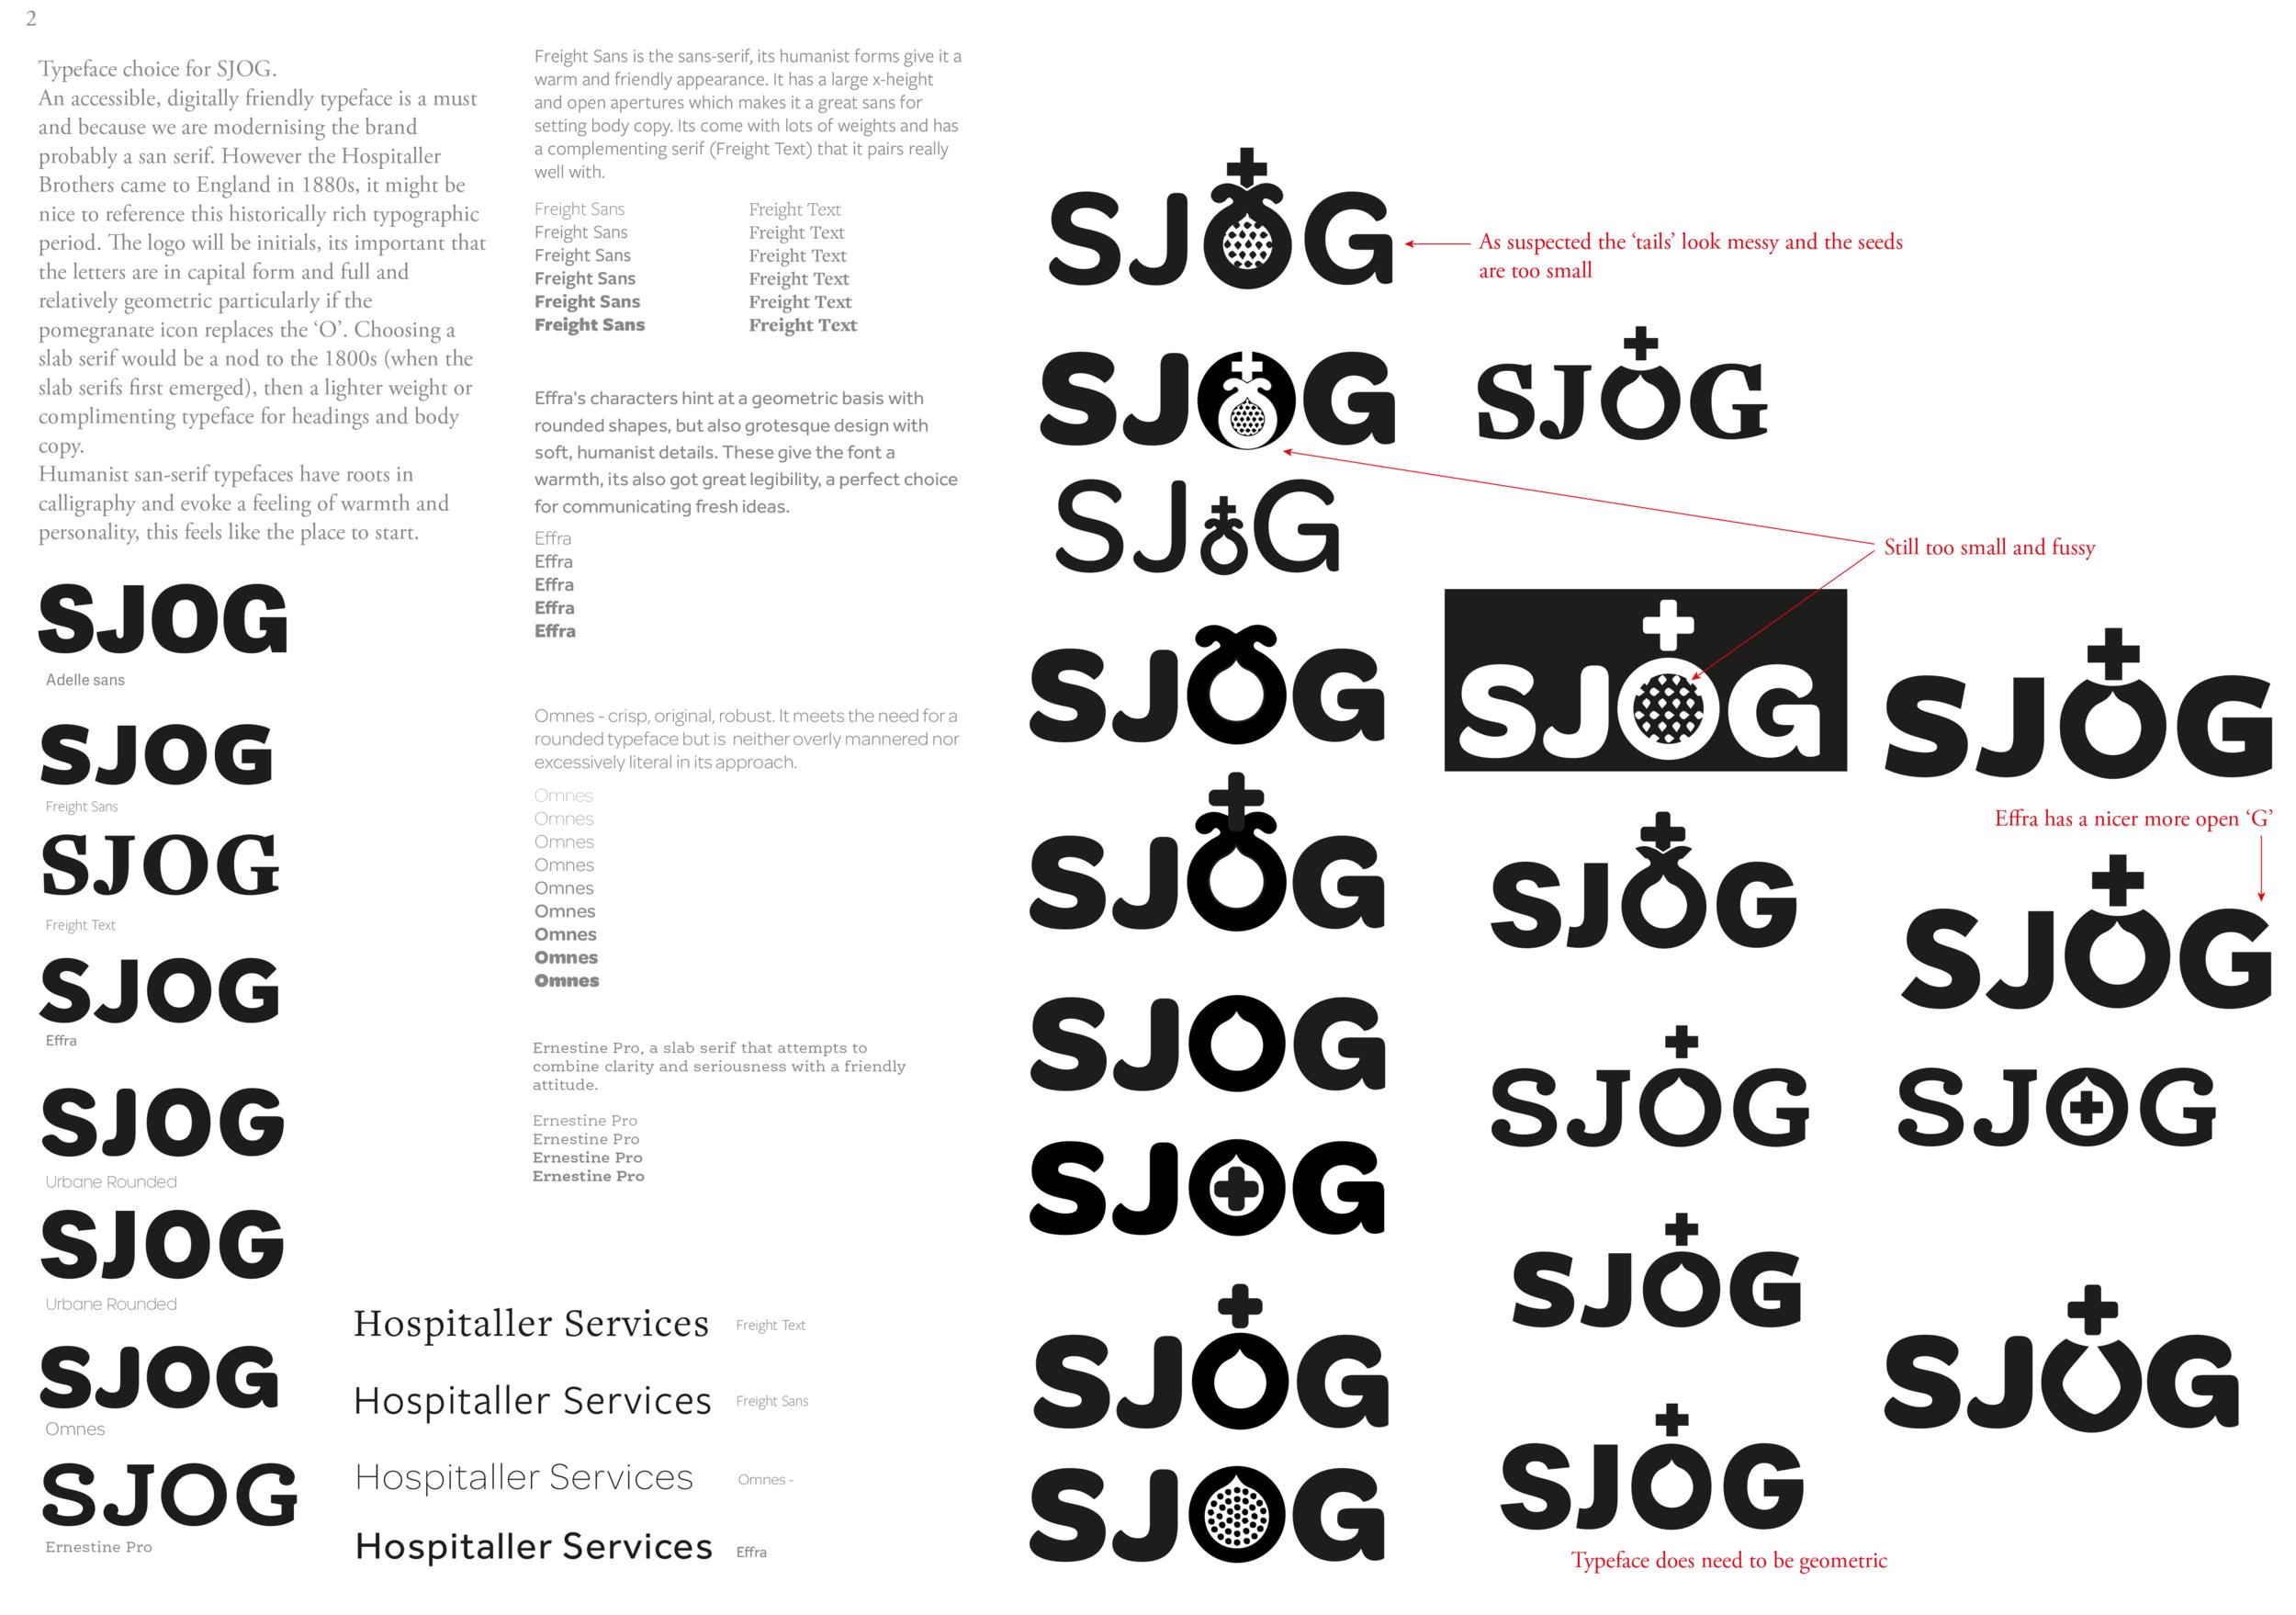 SJOG_2_initial_ideas_typefaces.png